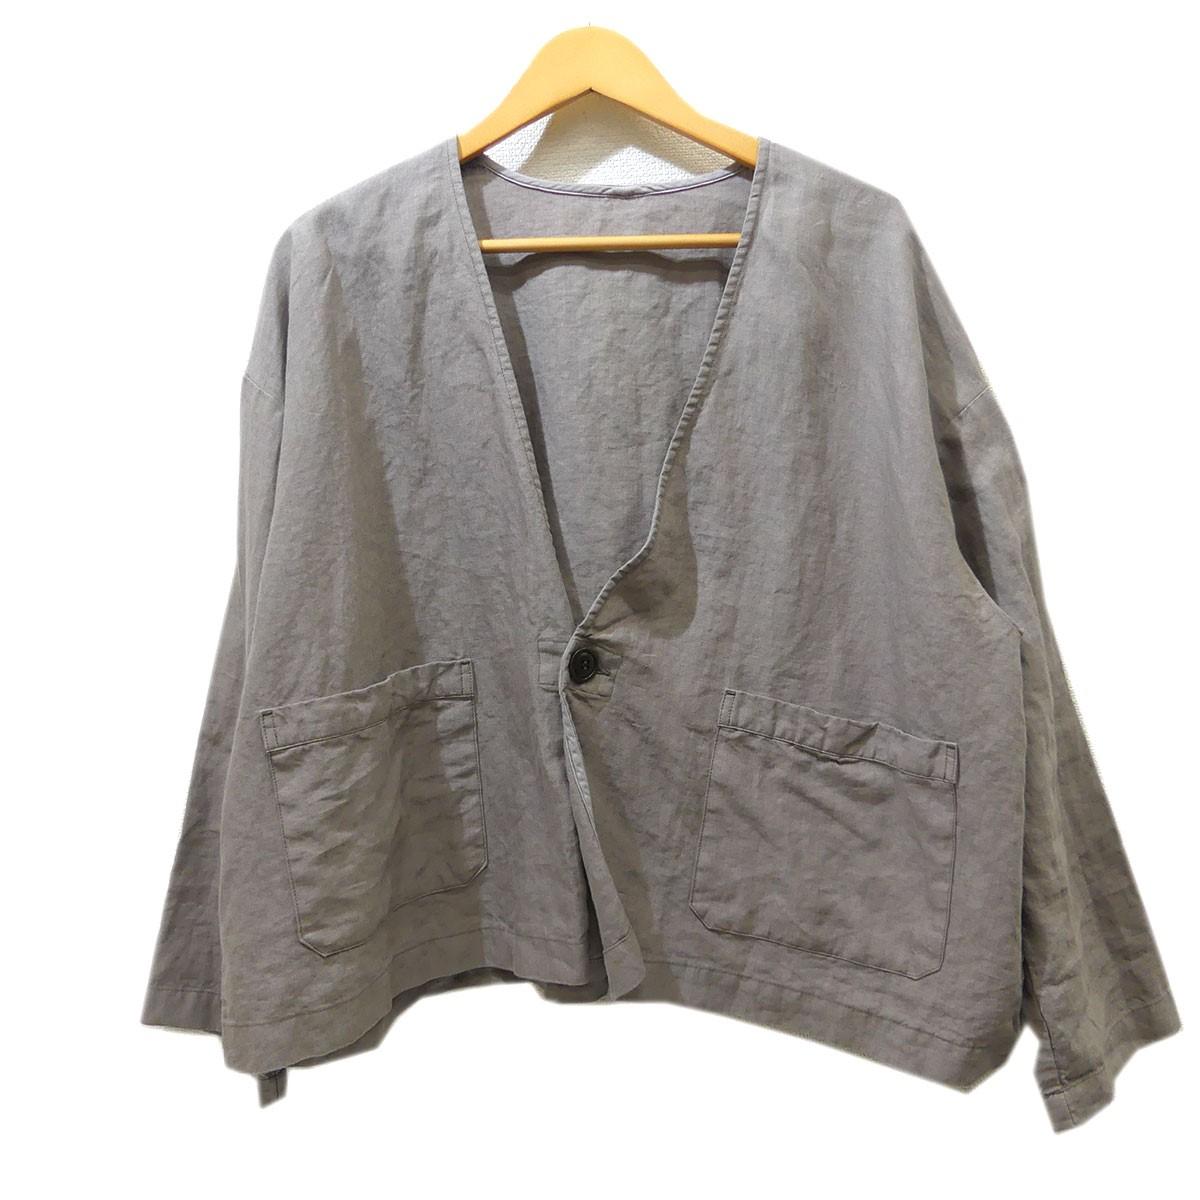 【中古】nest Robe 2019SS 高密度リネン1つボタンルーズジャケット グレー サイズ:Free 【020520】(ネストローブ)